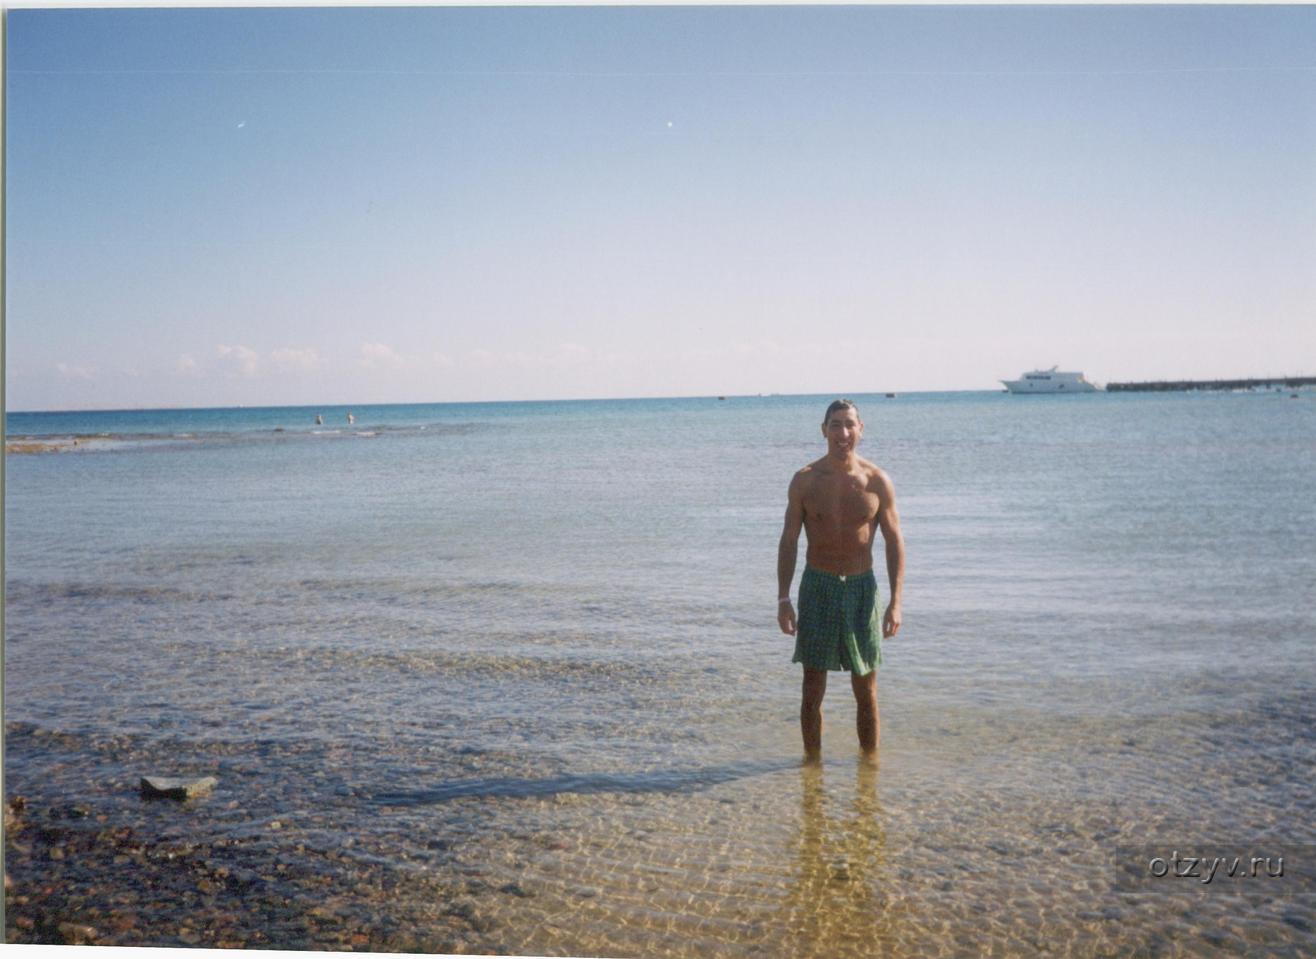 Мужик гоняет лысого на пляже #10